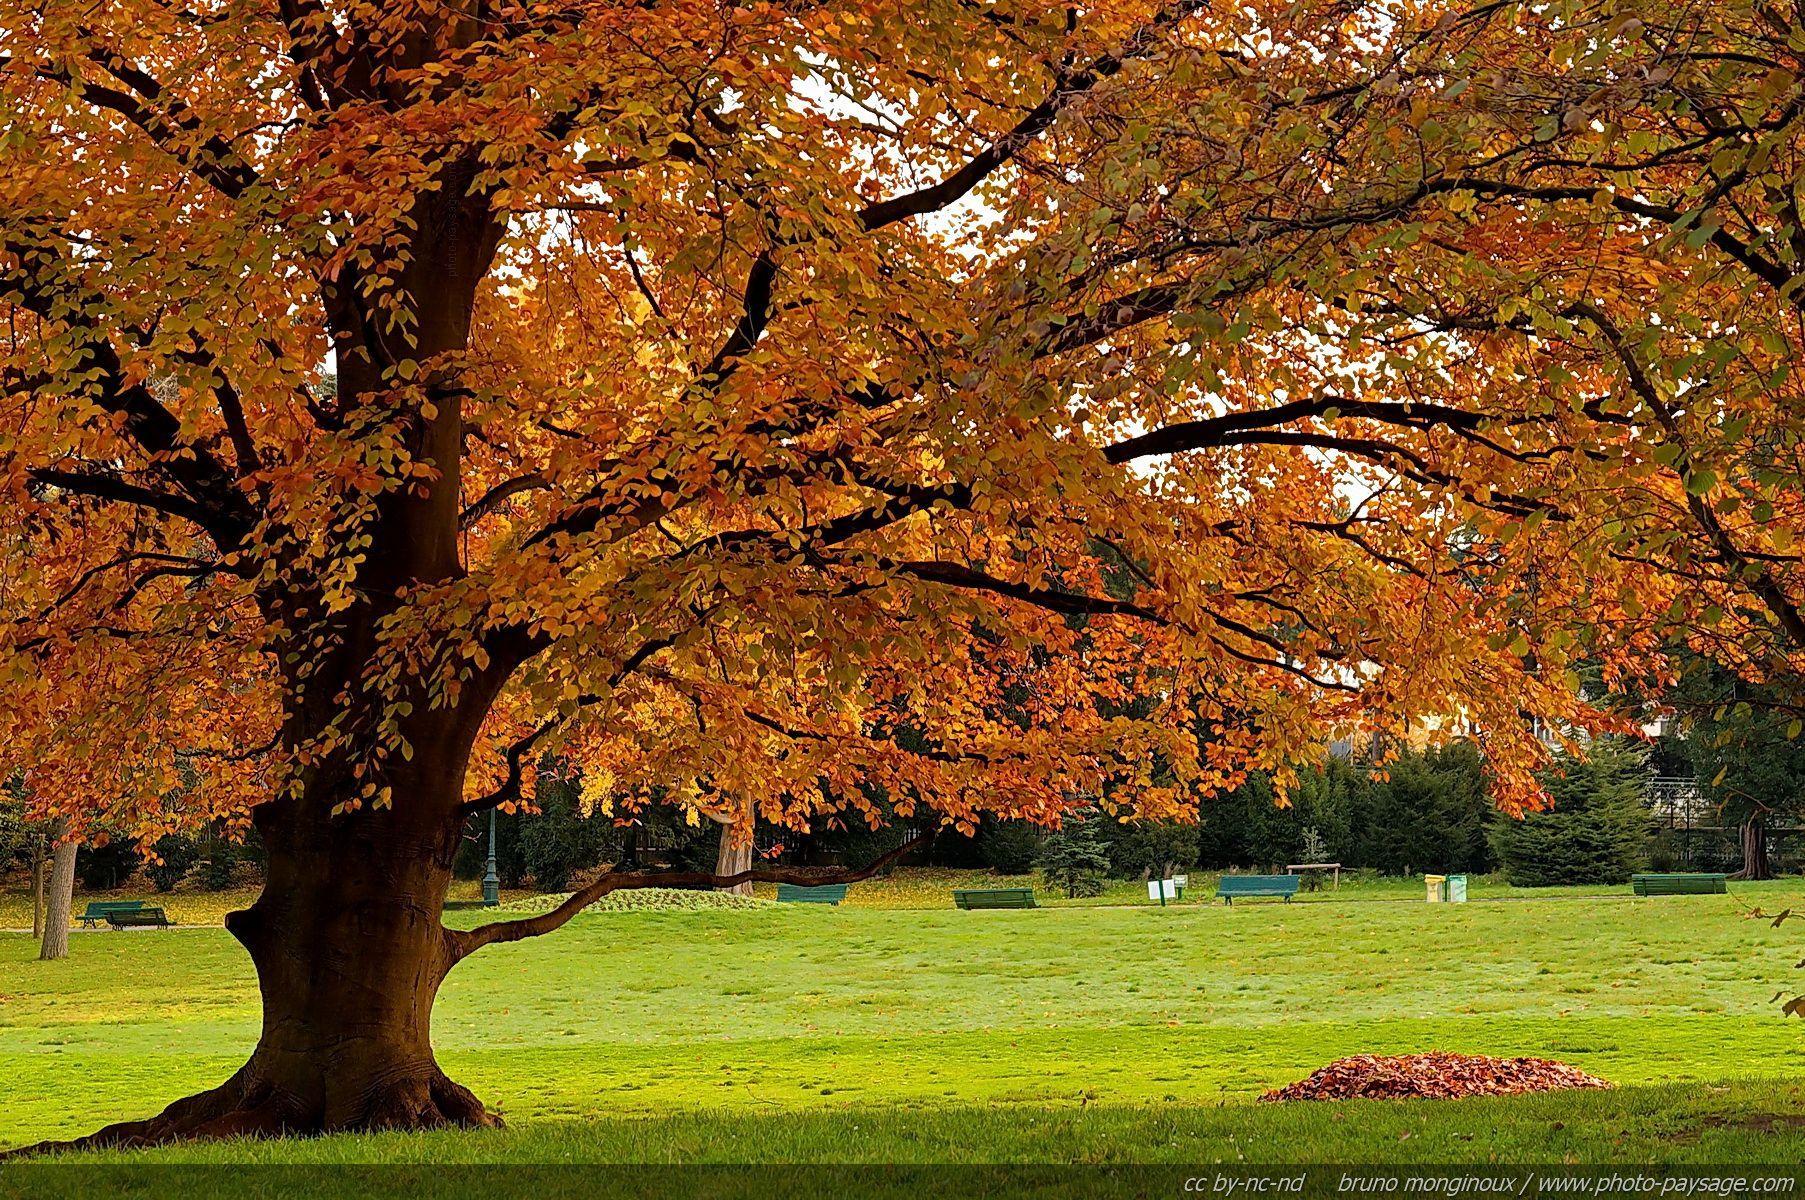 Beautiful Fall Trees Tree During Fall Season Fall Colors In